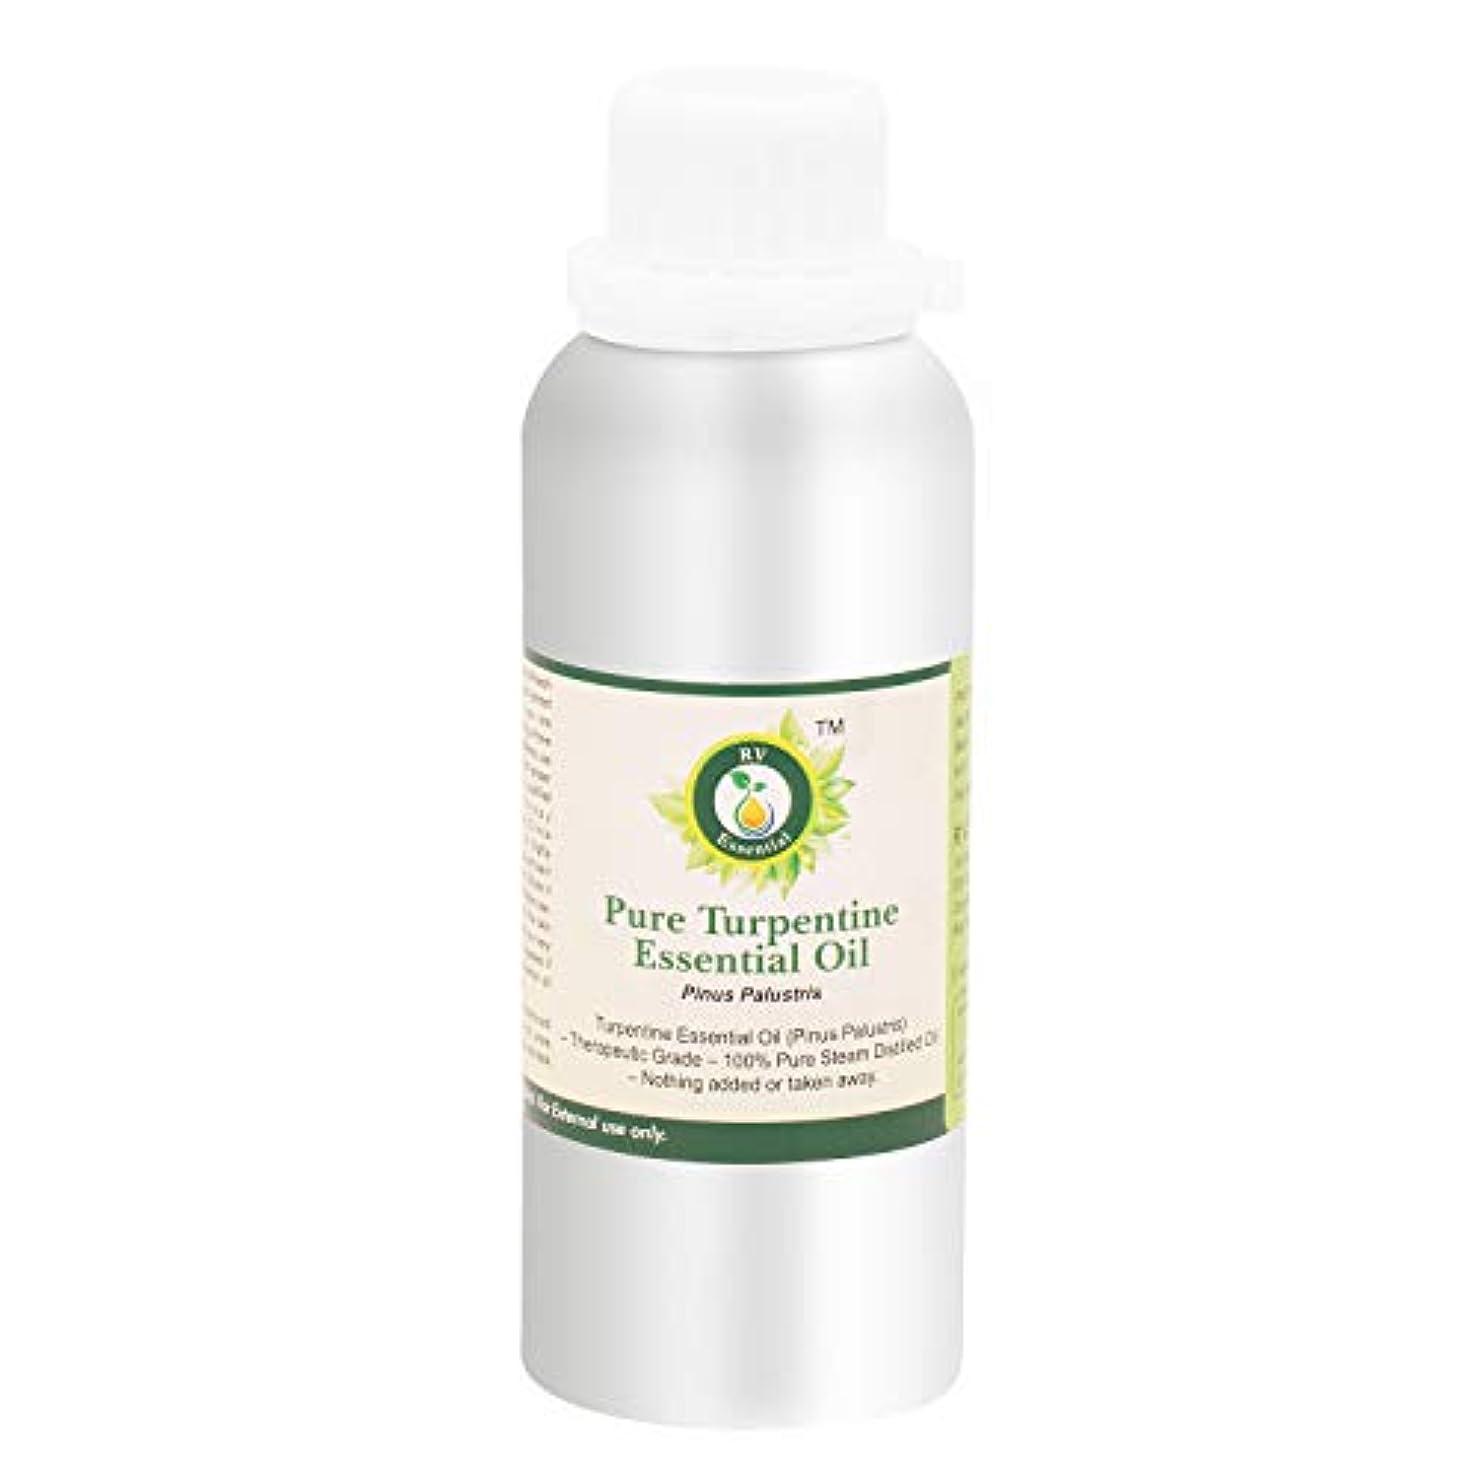 価値型いつ純粋なターペンタイン精油630ml (21oz)- Pinus Palustris (100%純粋&天然スチームDistilled) Pure Turpentine Essential Oil